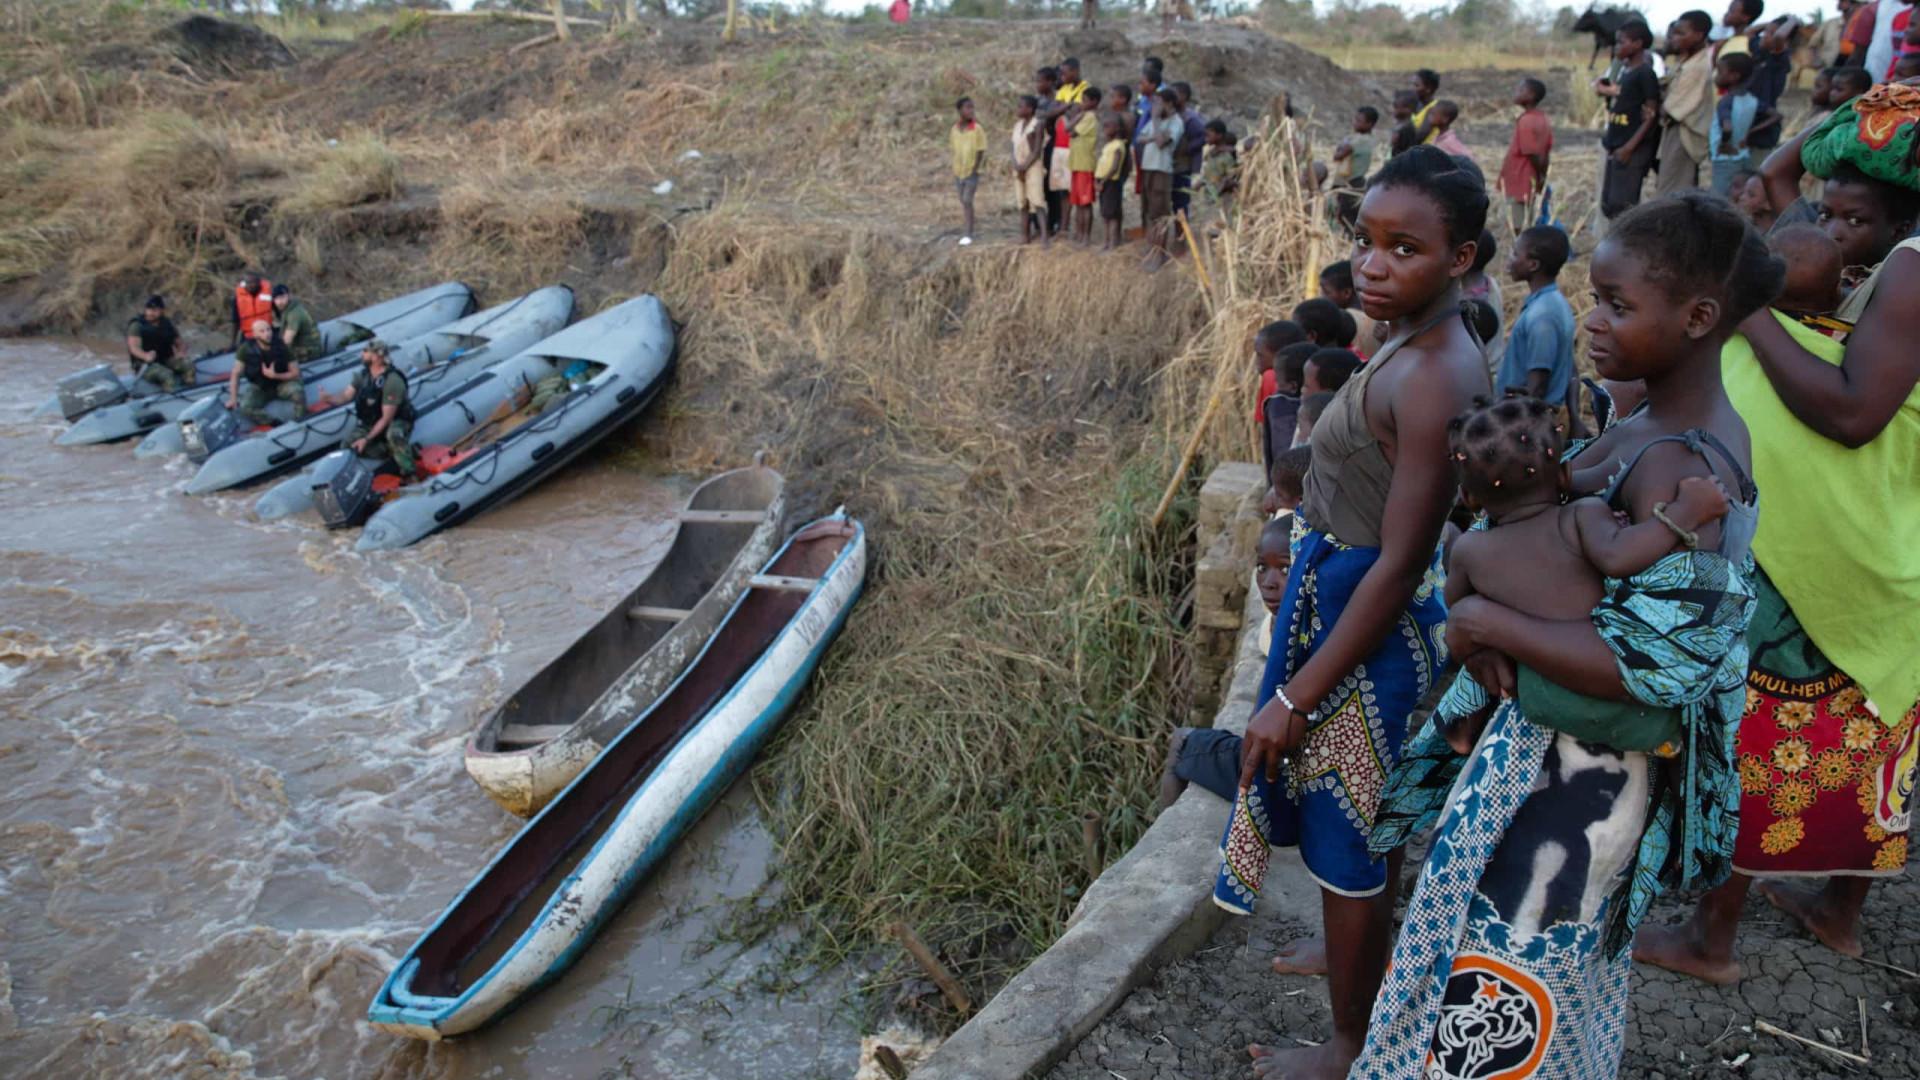 Fome pode expor 30 mil crianças a exploração em Moçambique